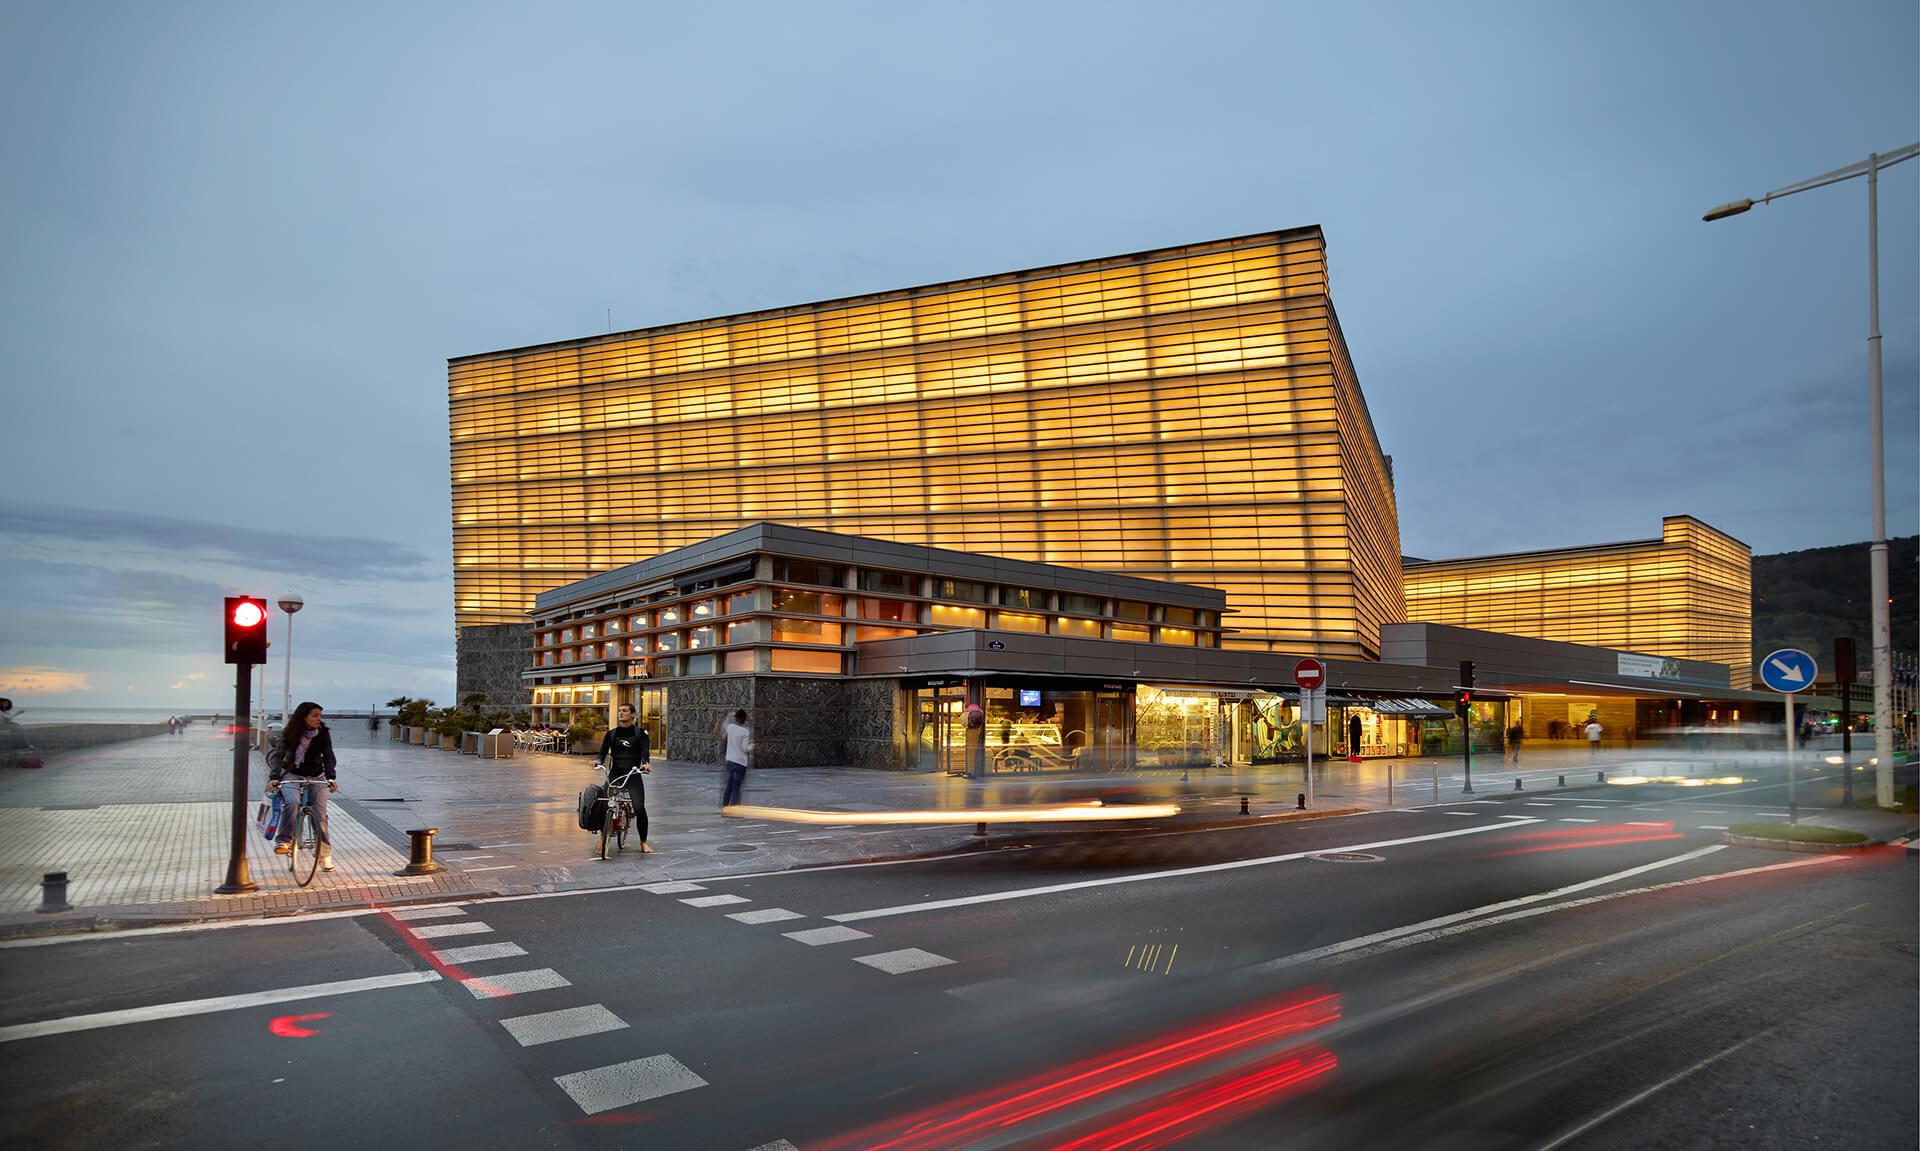 Kursaal palacio de congresos y auditorio